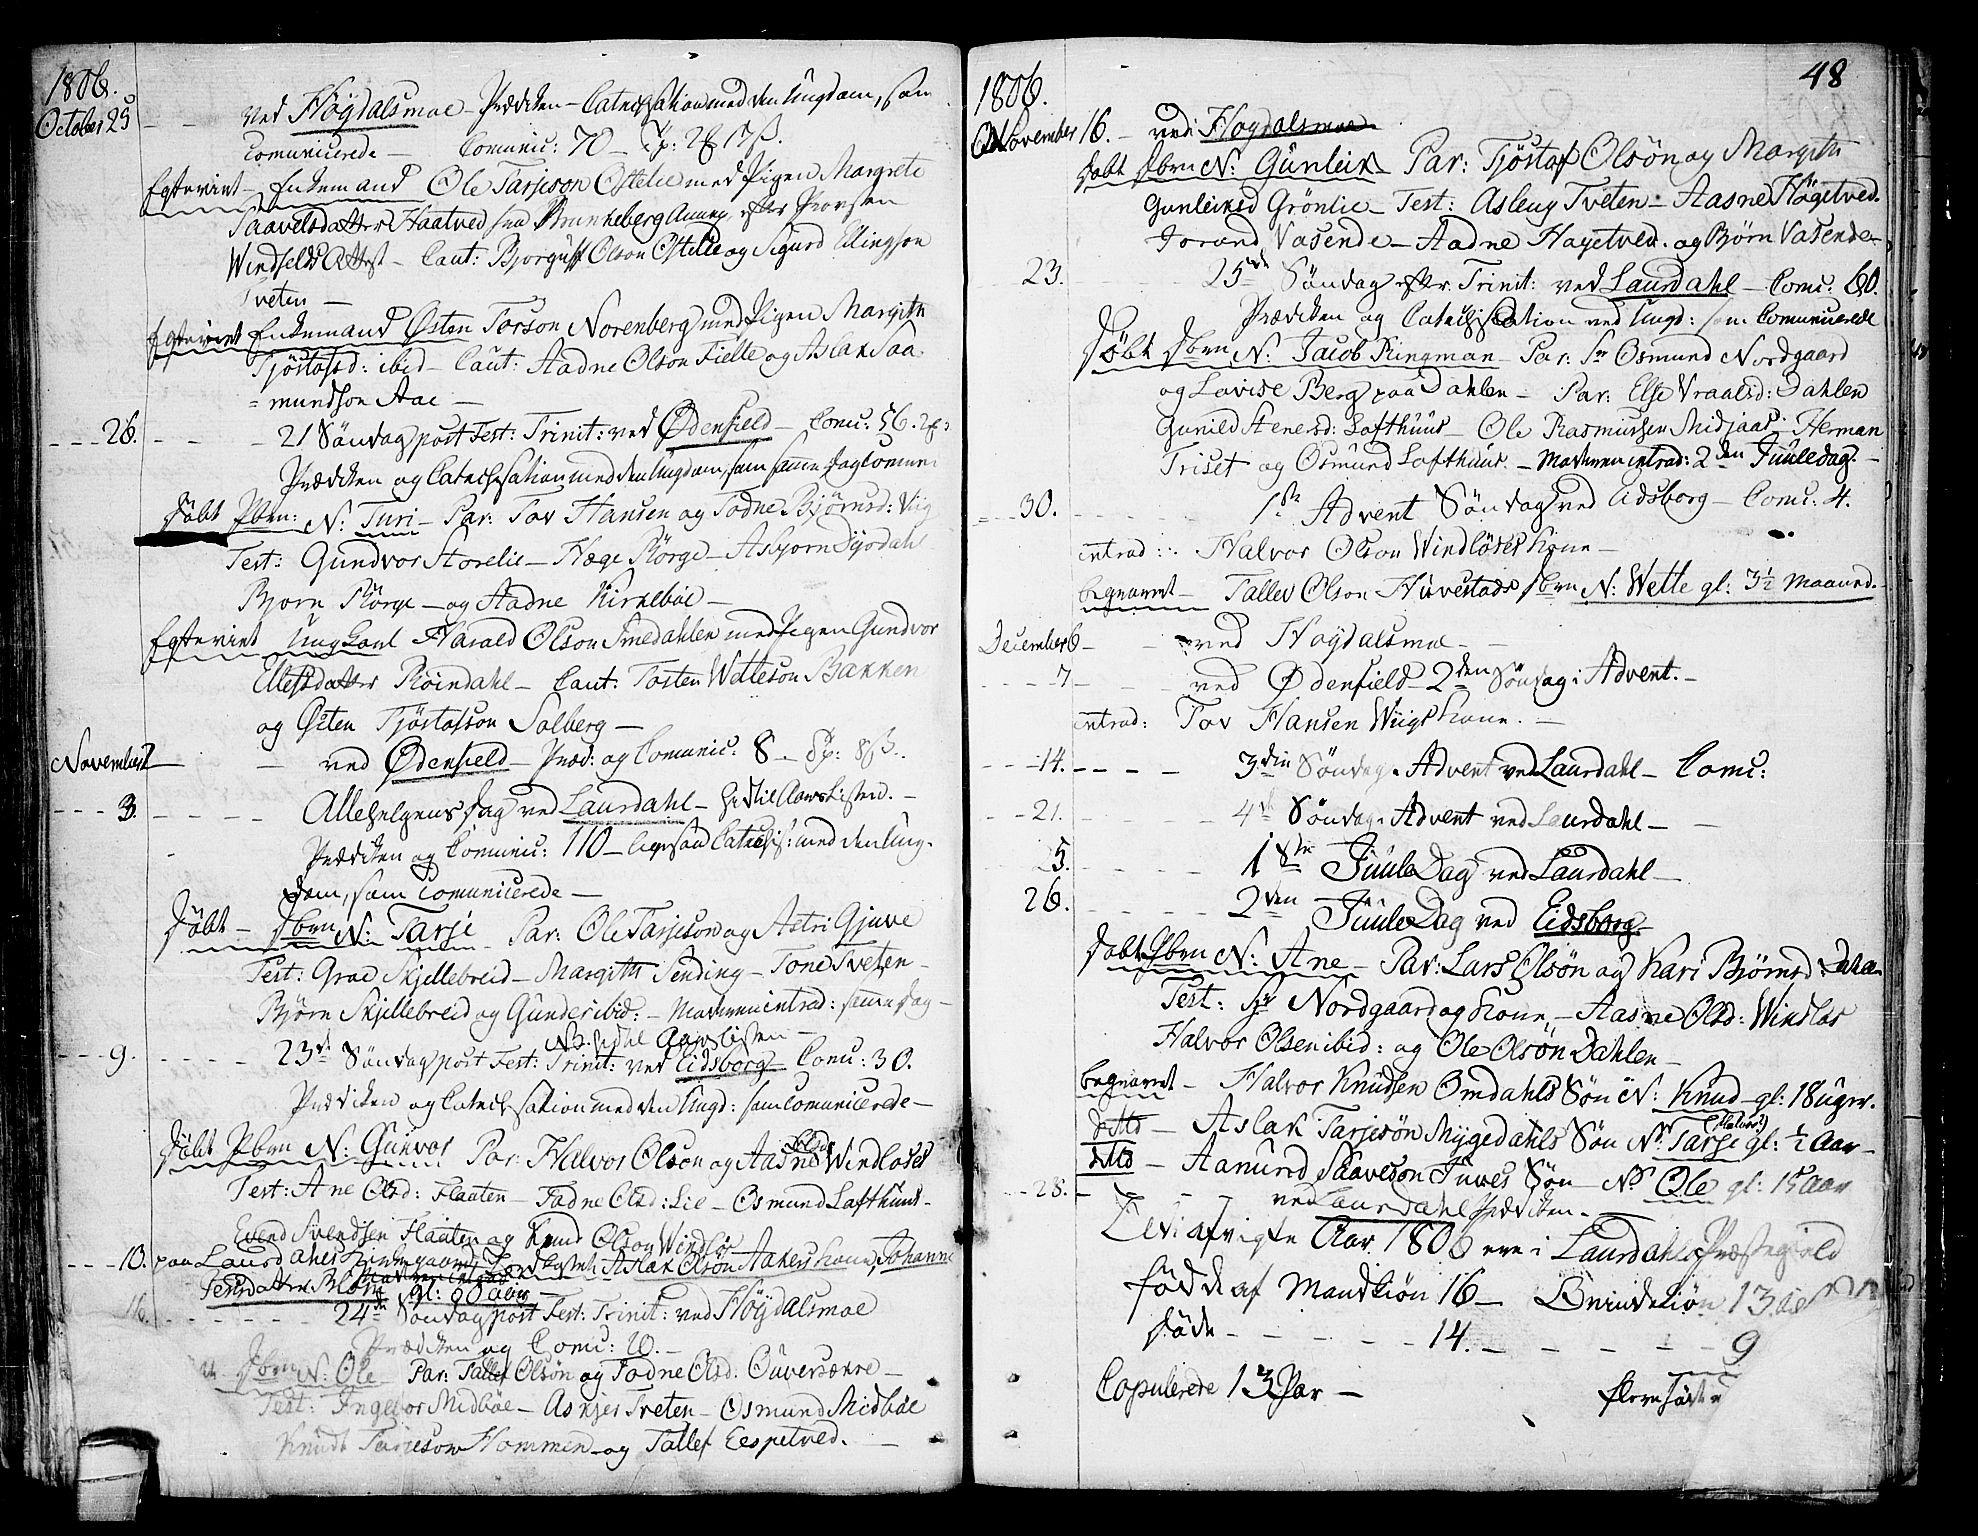 SAKO, Lårdal kirkebøker, F/Fa/L0004: Ministerialbok nr. I 4, 1790-1814, s. 48